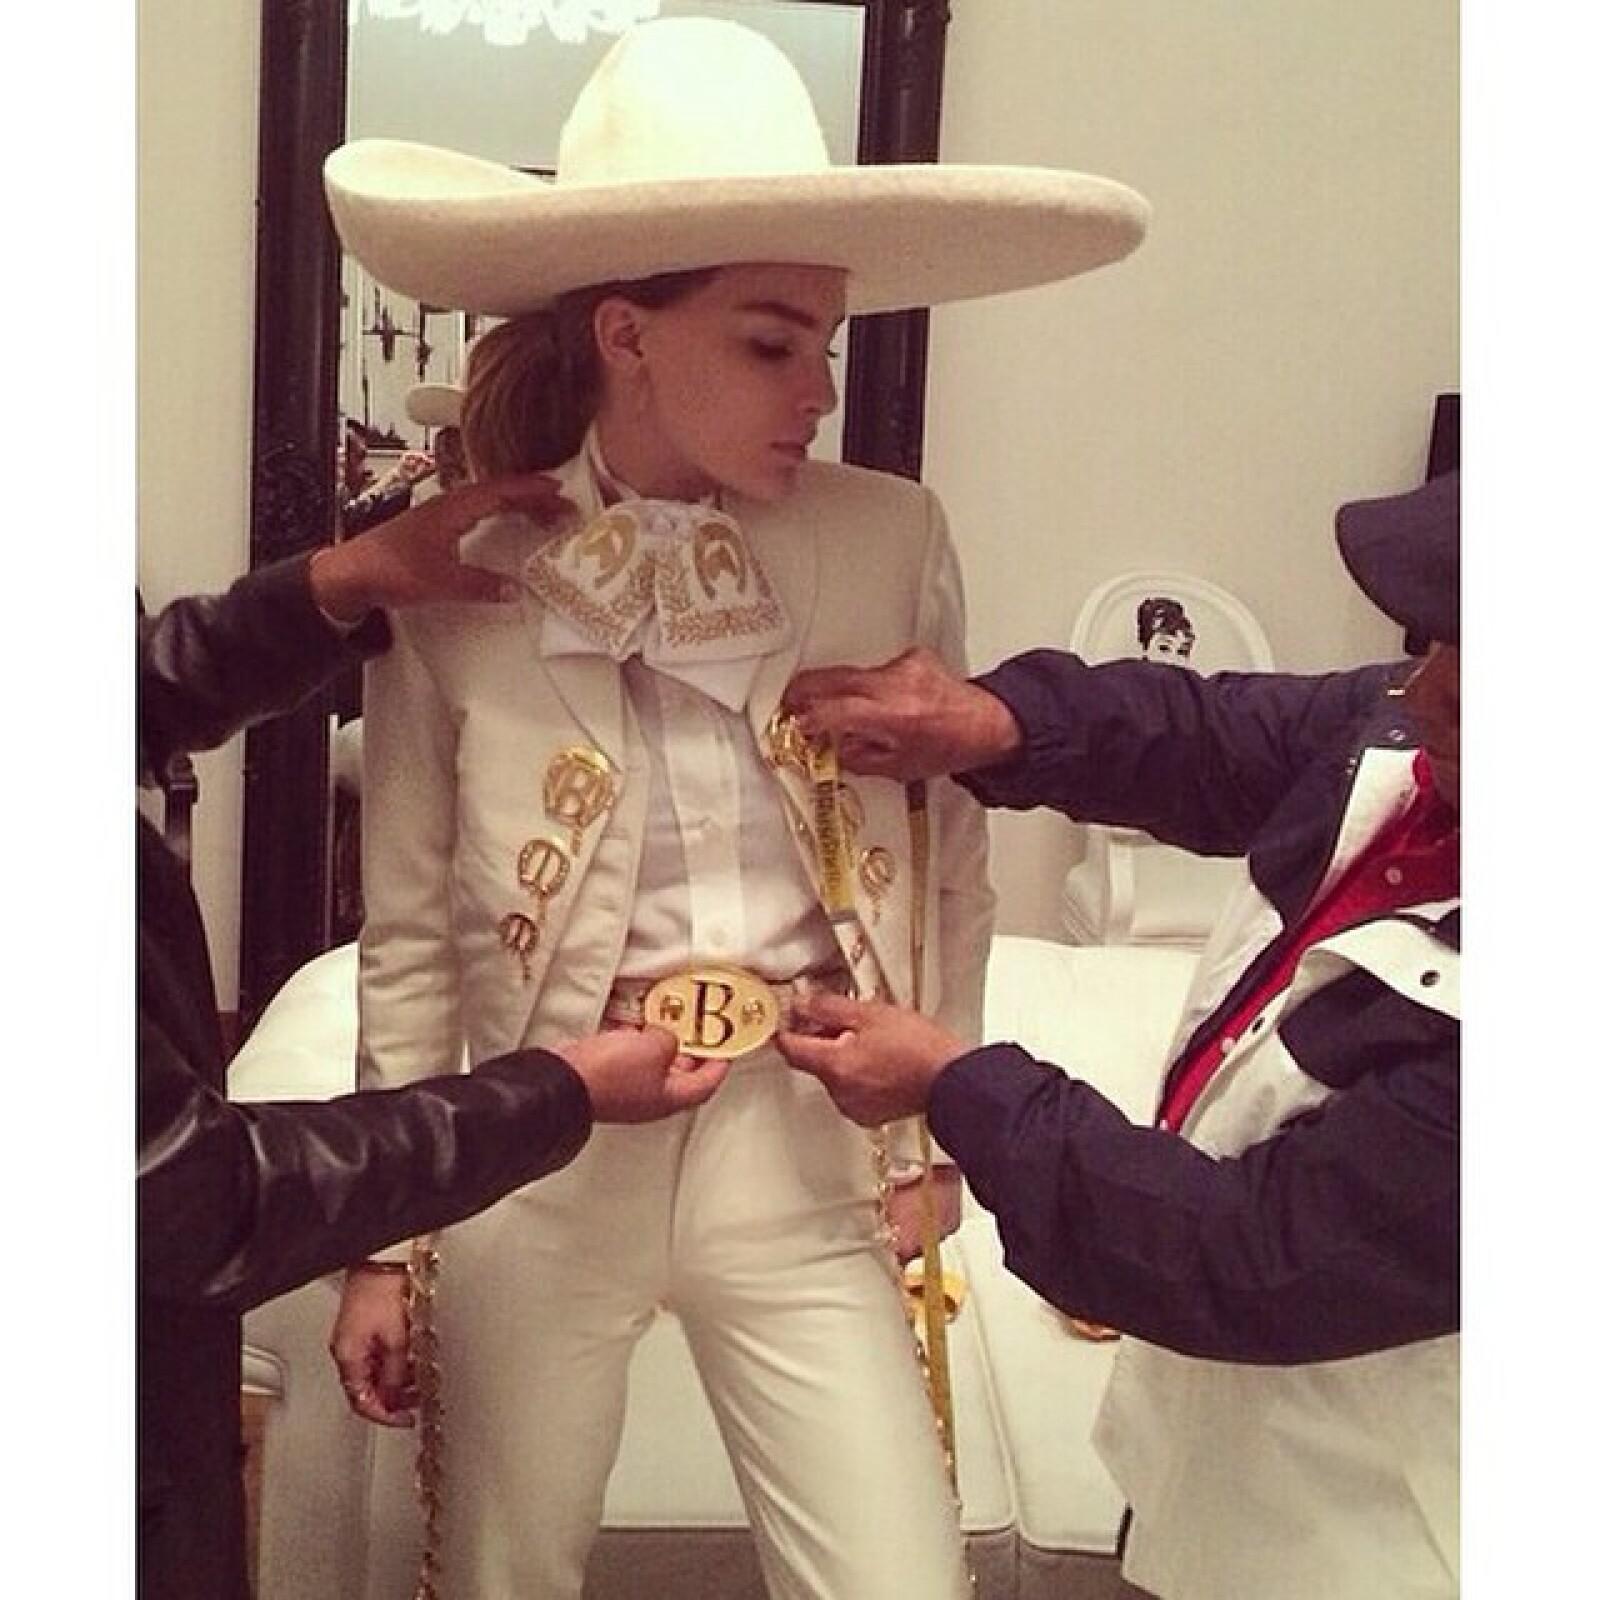 Belinda comentó que fue la primera vez que se ponía un traje de charro, el cual llevó en su actuación desde el Zócalo.